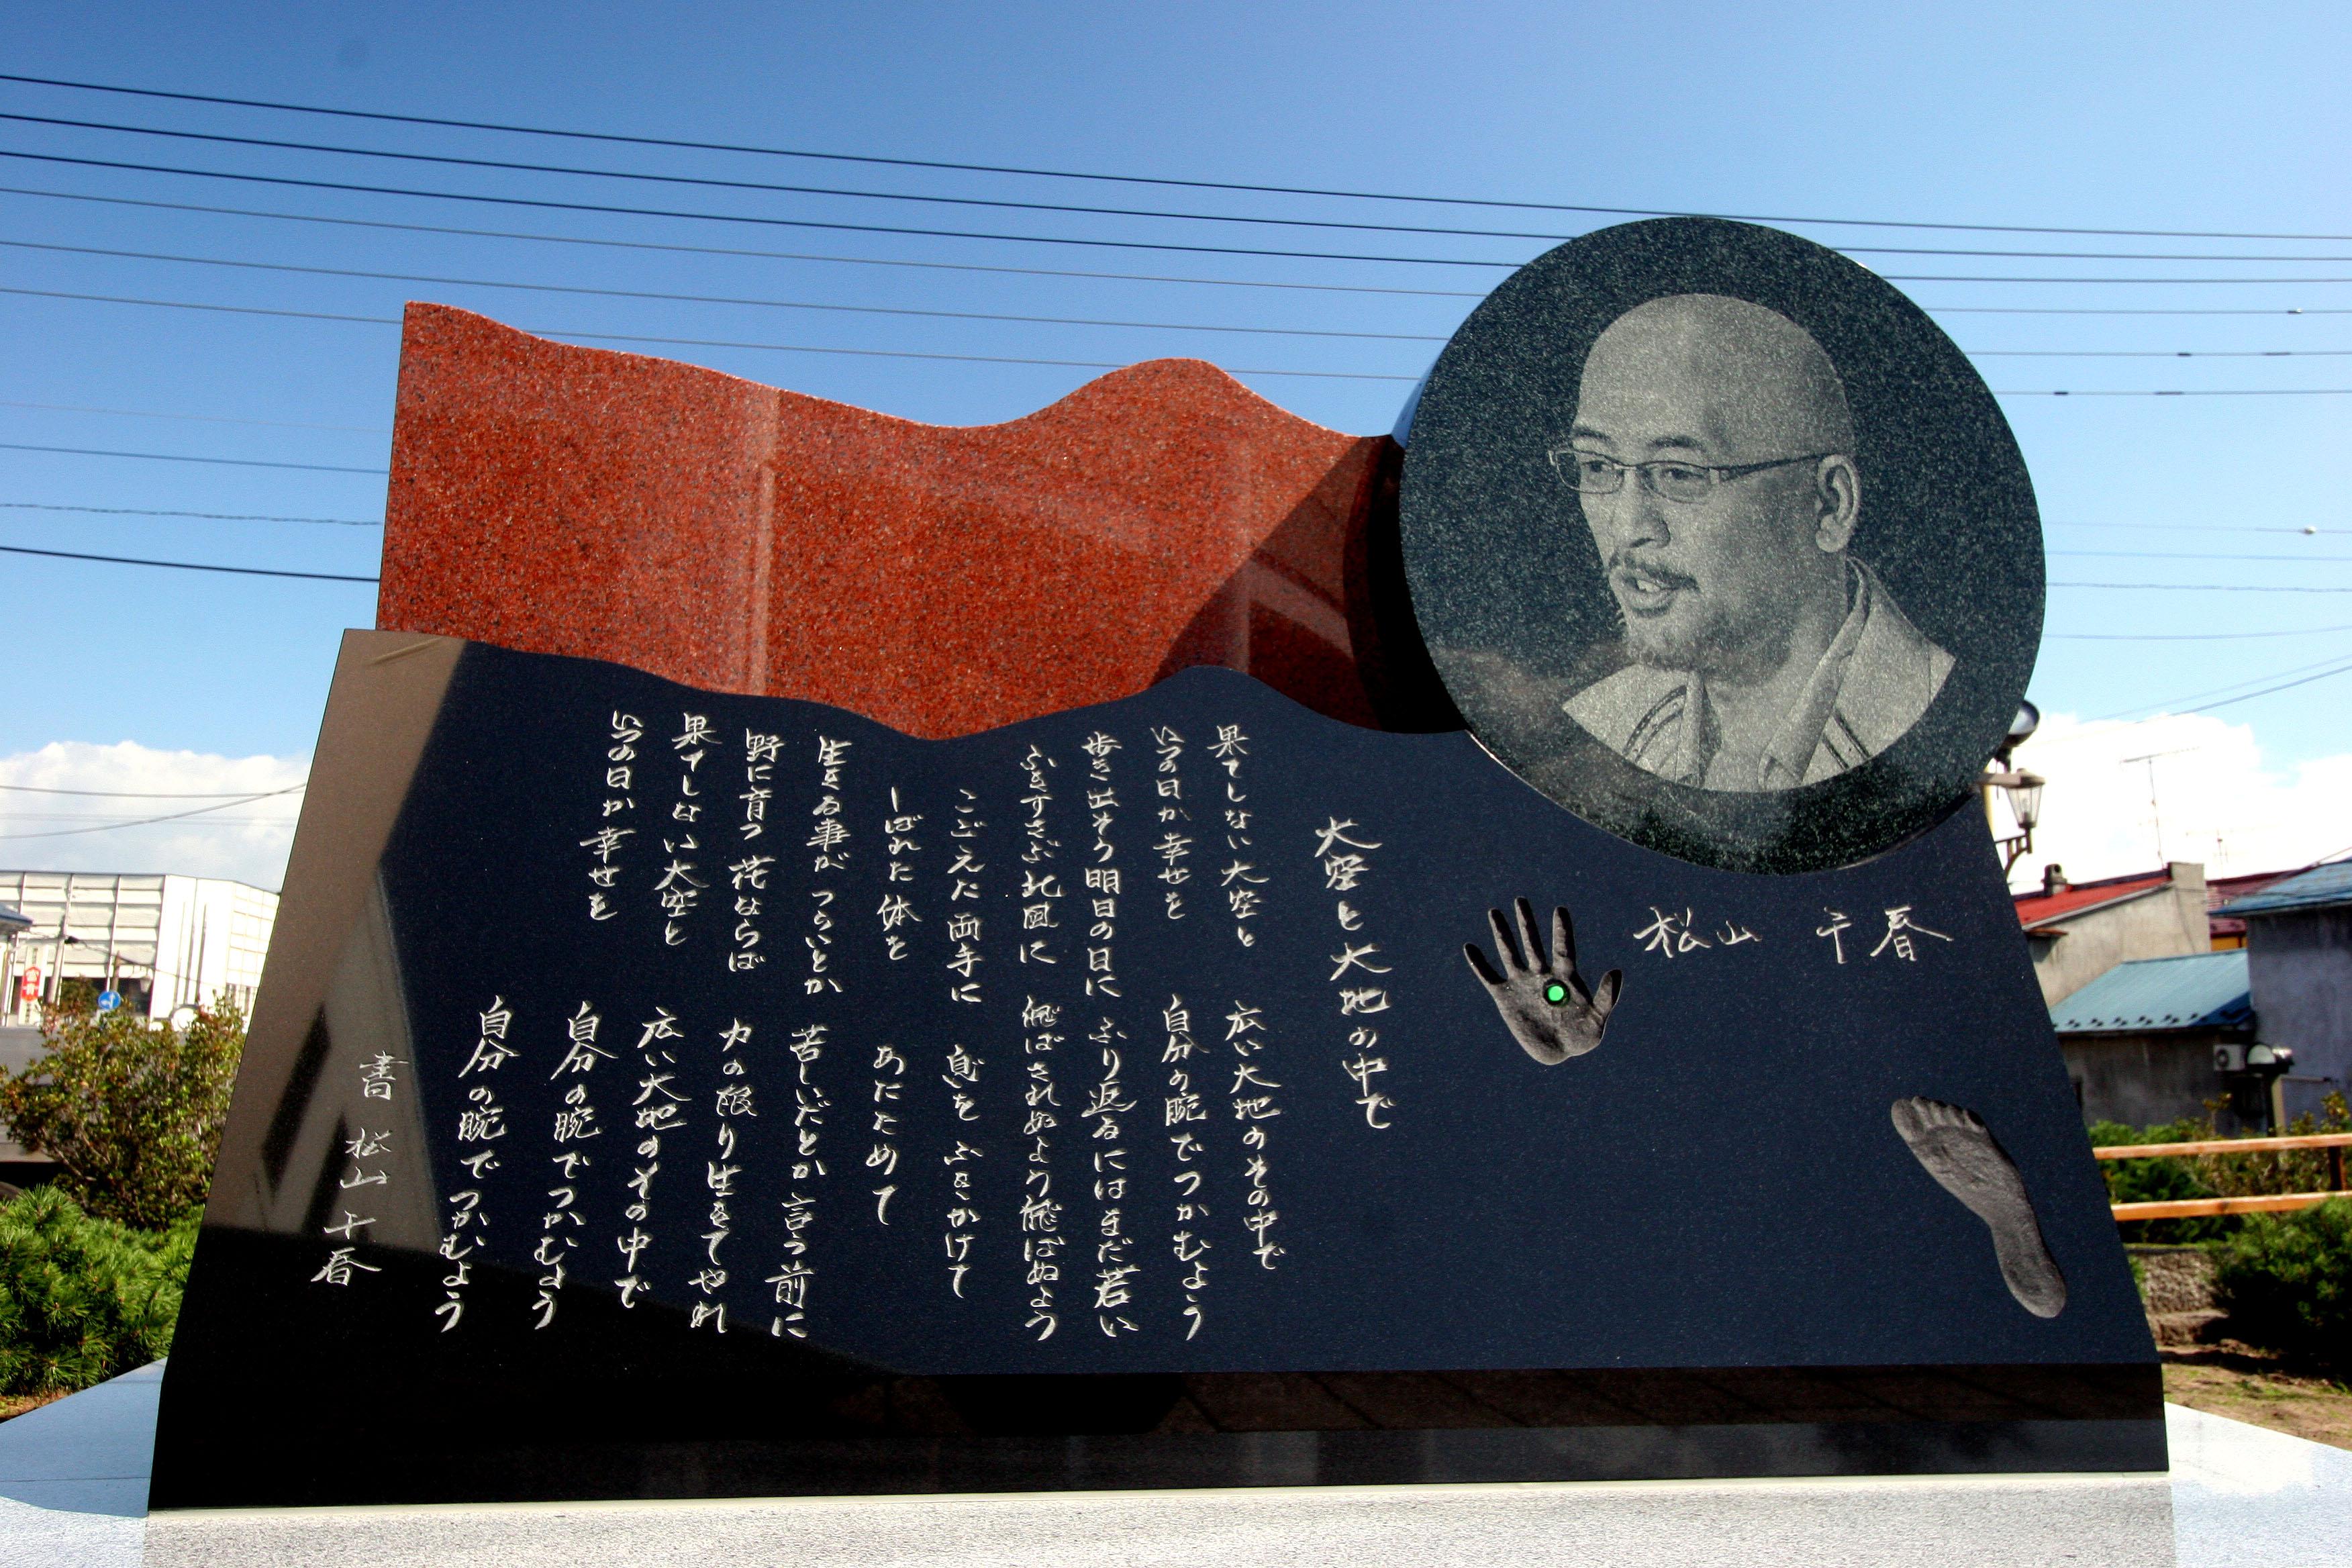 デビュー30周年を記念して建立された歌碑。手形部分のボタンを押すと、名曲「大空と大地の中で」が流れる。